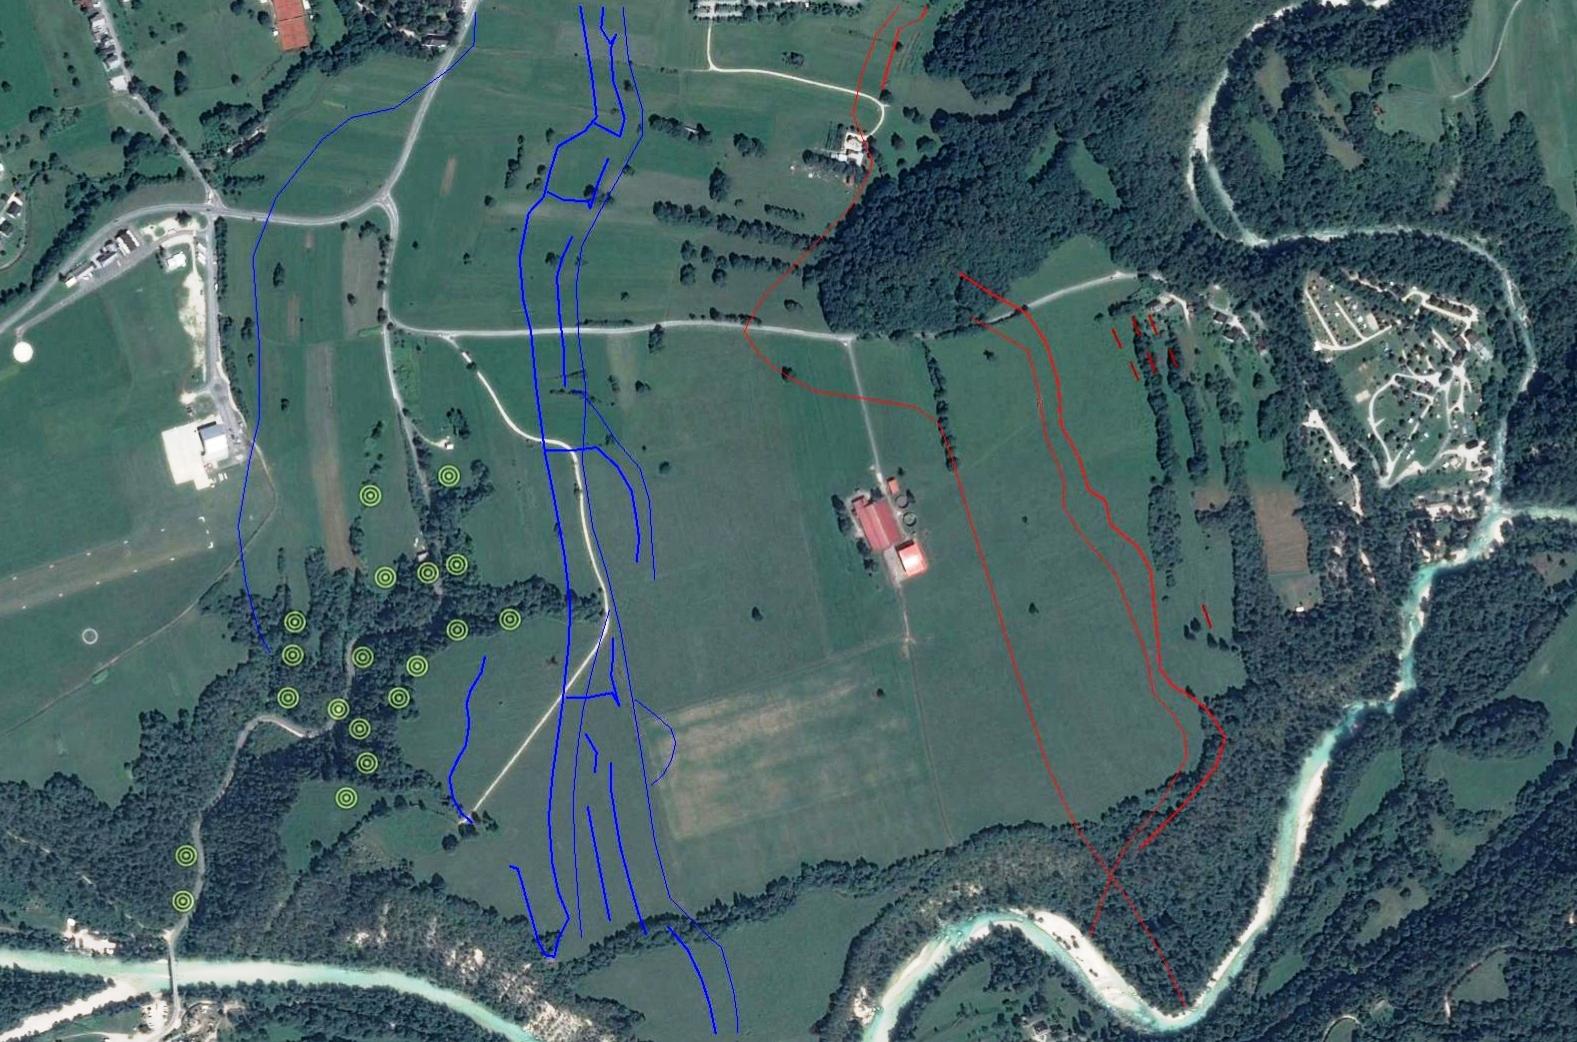 GE Seesselberg overlay2Crop